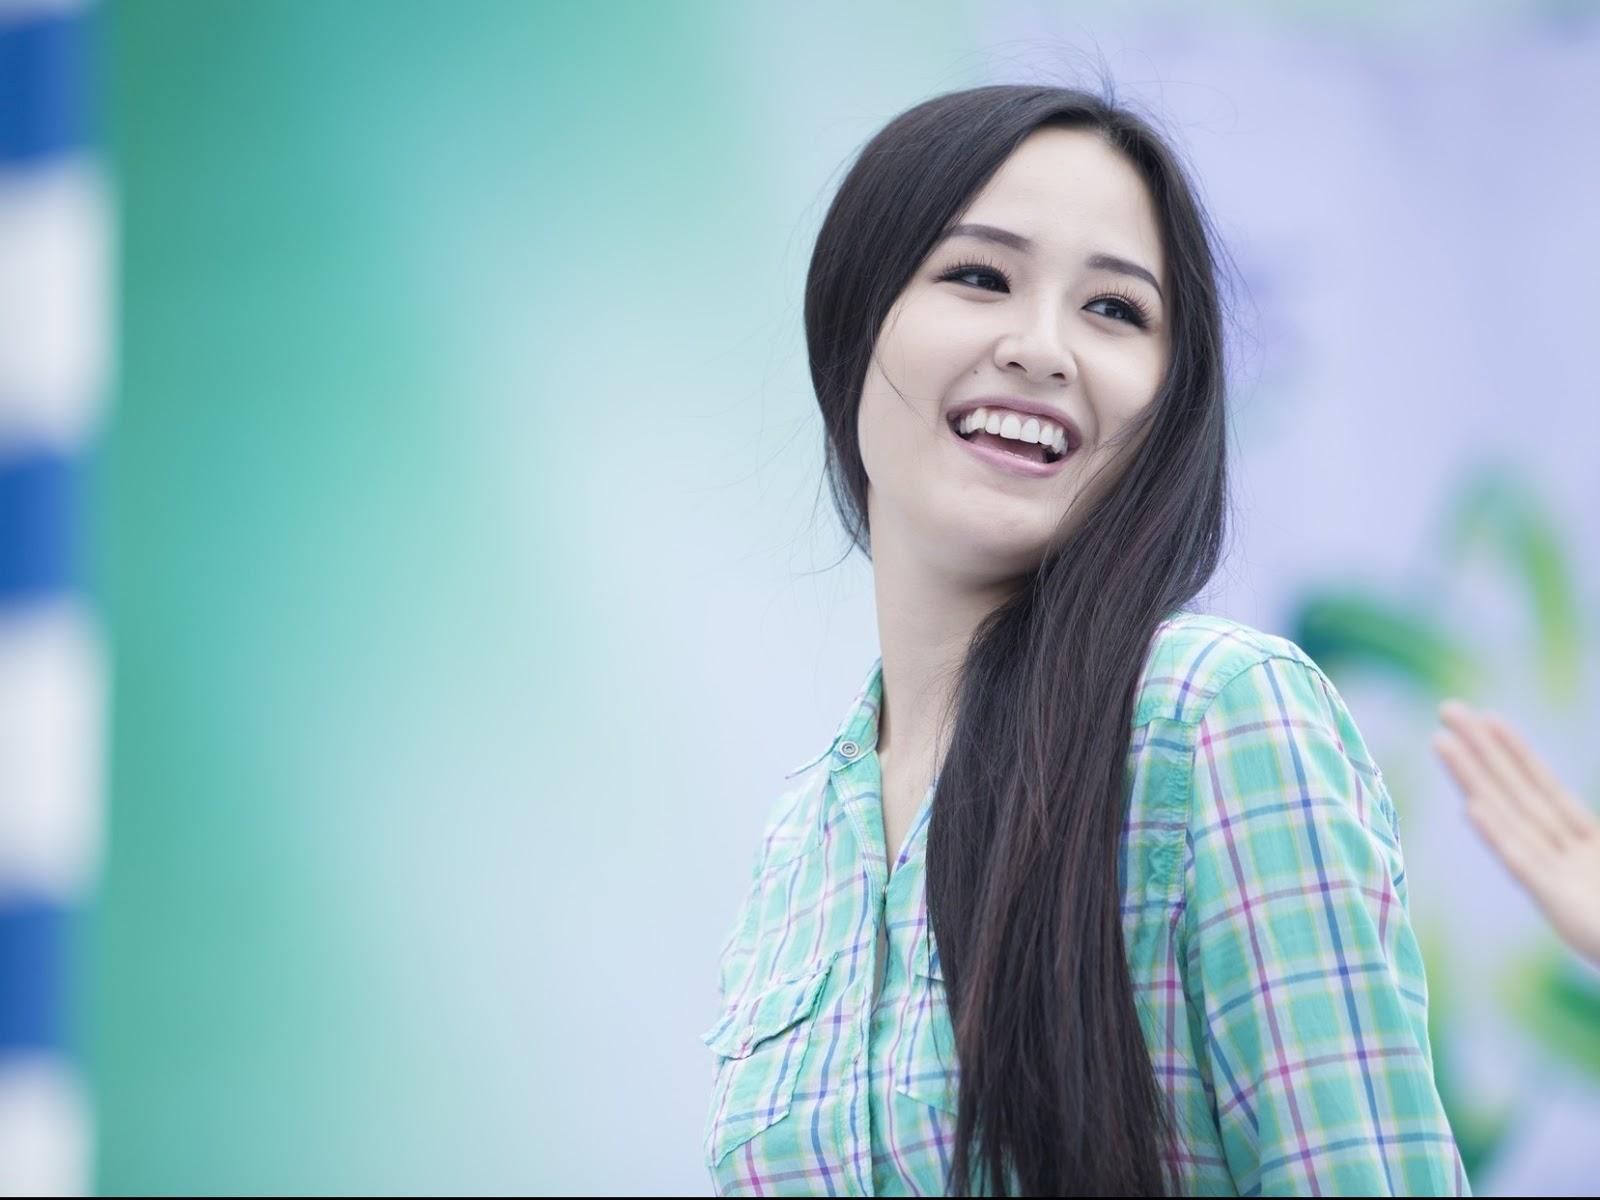 Con gái tóc dài rất đẹp